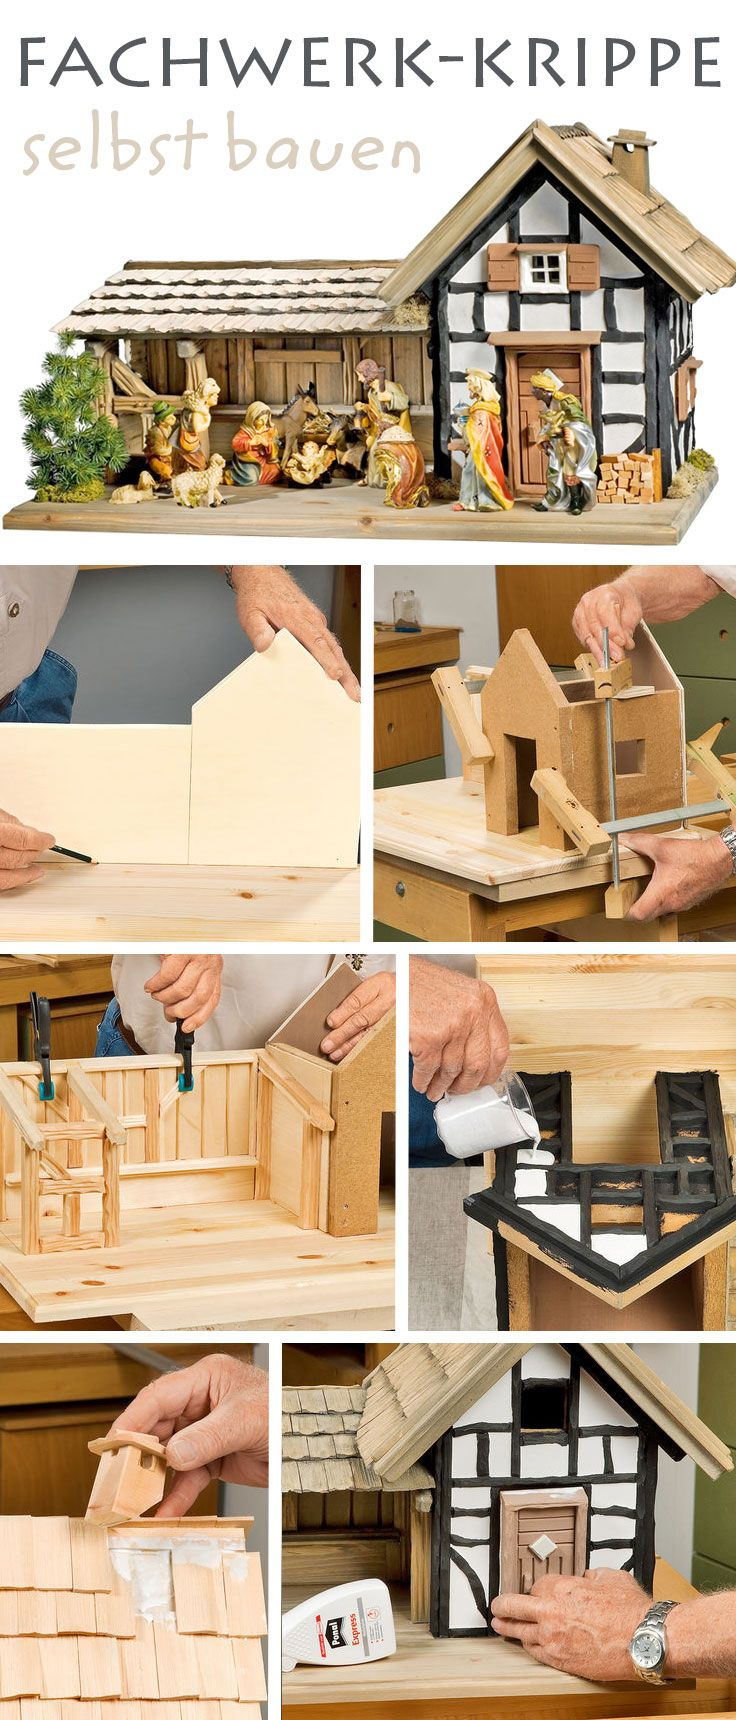 bauplan fachwerkkrippe fachwerk selbst bauen und weihnachten. Black Bedroom Furniture Sets. Home Design Ideas